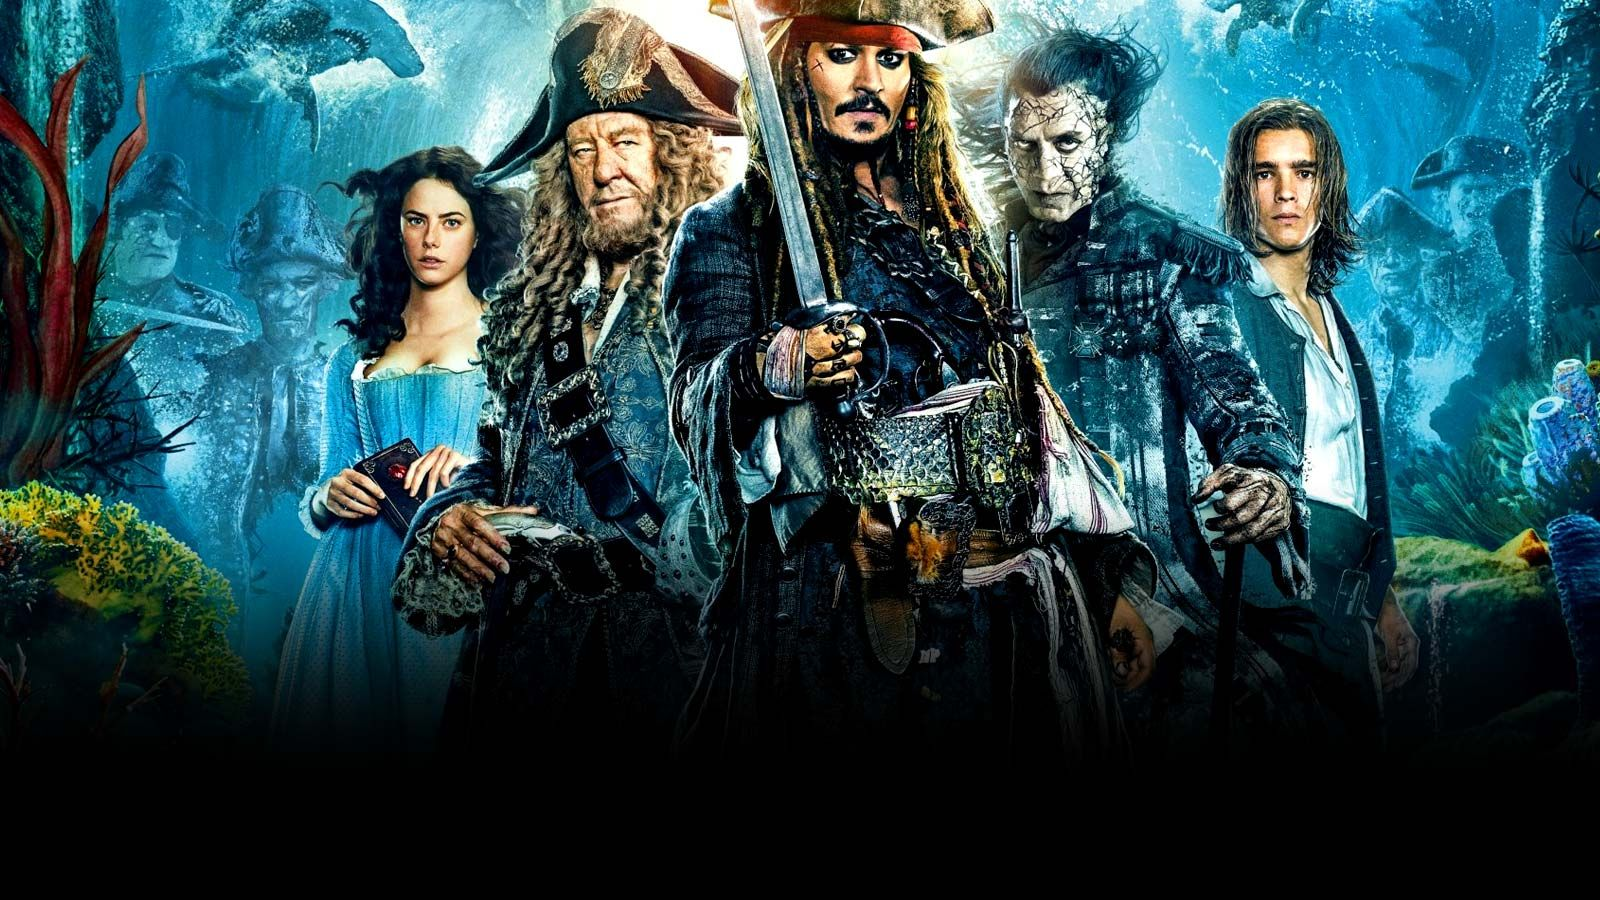 Descargar Piratas Del Caribe 5 La Venganza De Salazar Gratis En 1 Link Por Mega Disfruta De Peliculas Con Exc Piratas Del Caribe Peliculas De Piratas Piratas